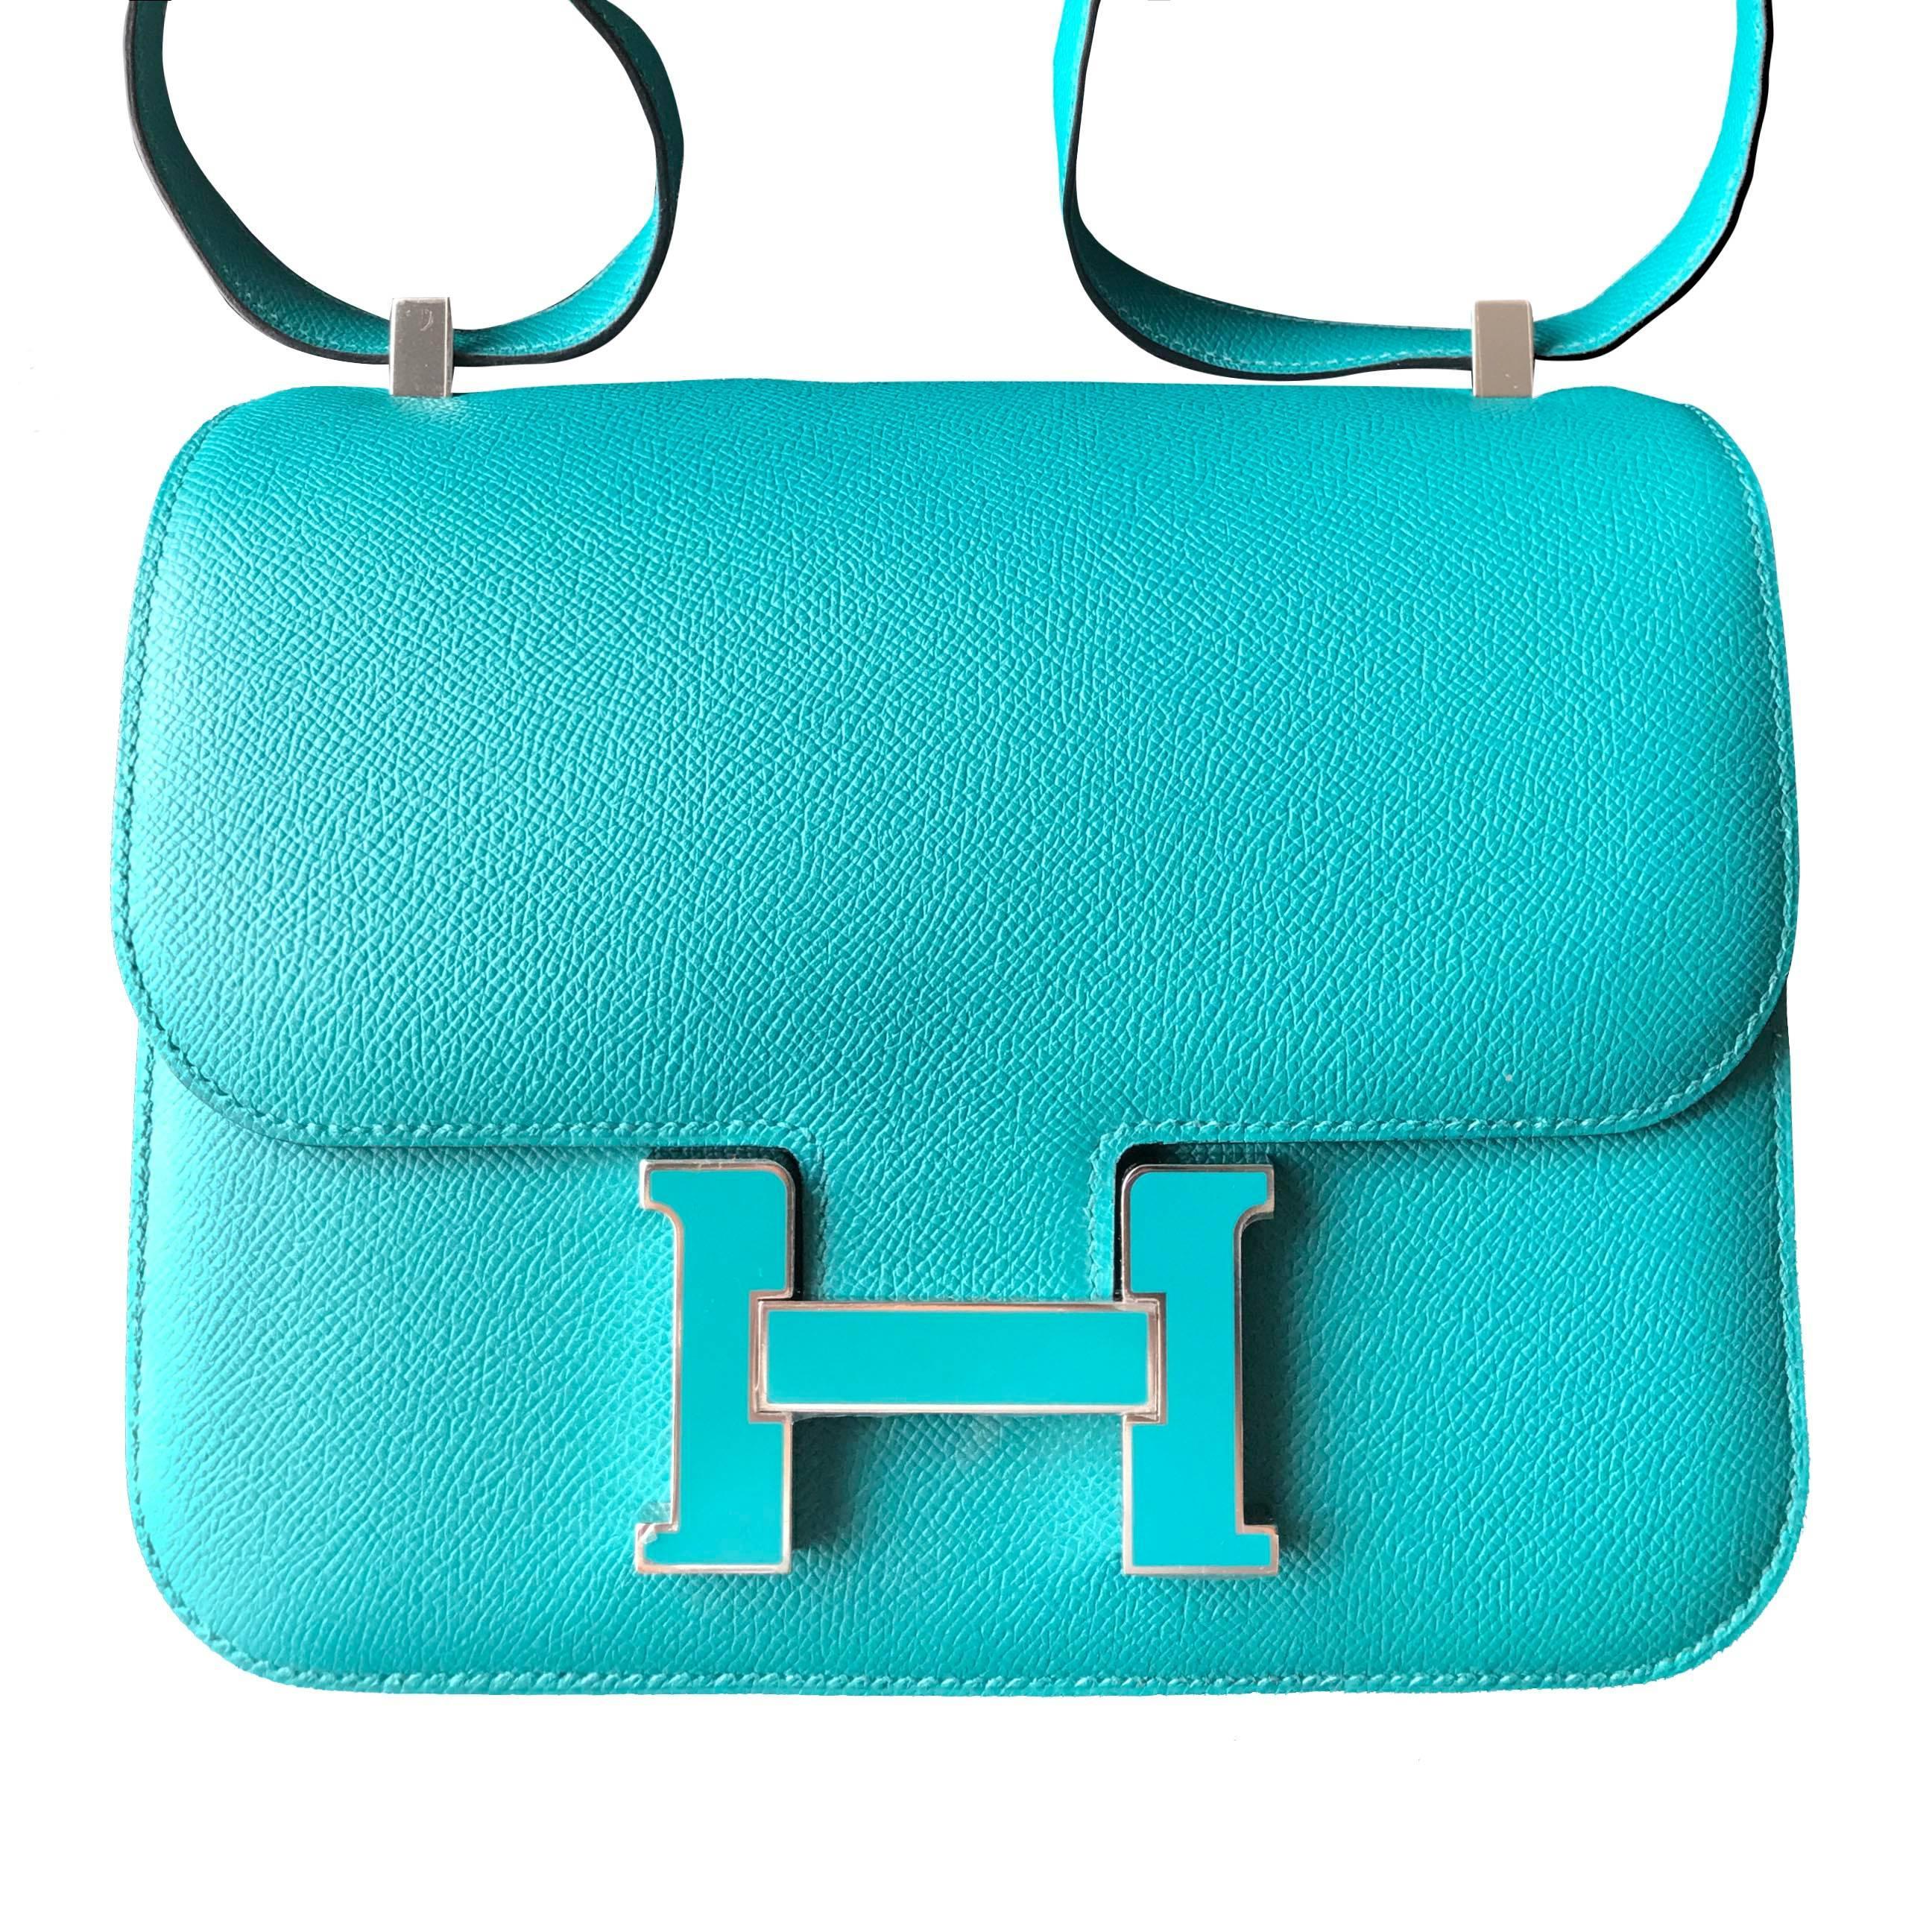 Hermès Hermes Evelyne Bleu Paon Veau Epsom Shoulder Bag Excellent Dérivatif Vente Magasin D'usine Livraison Gratuite À Partir De France Manchester Pas Cher hKIpSz